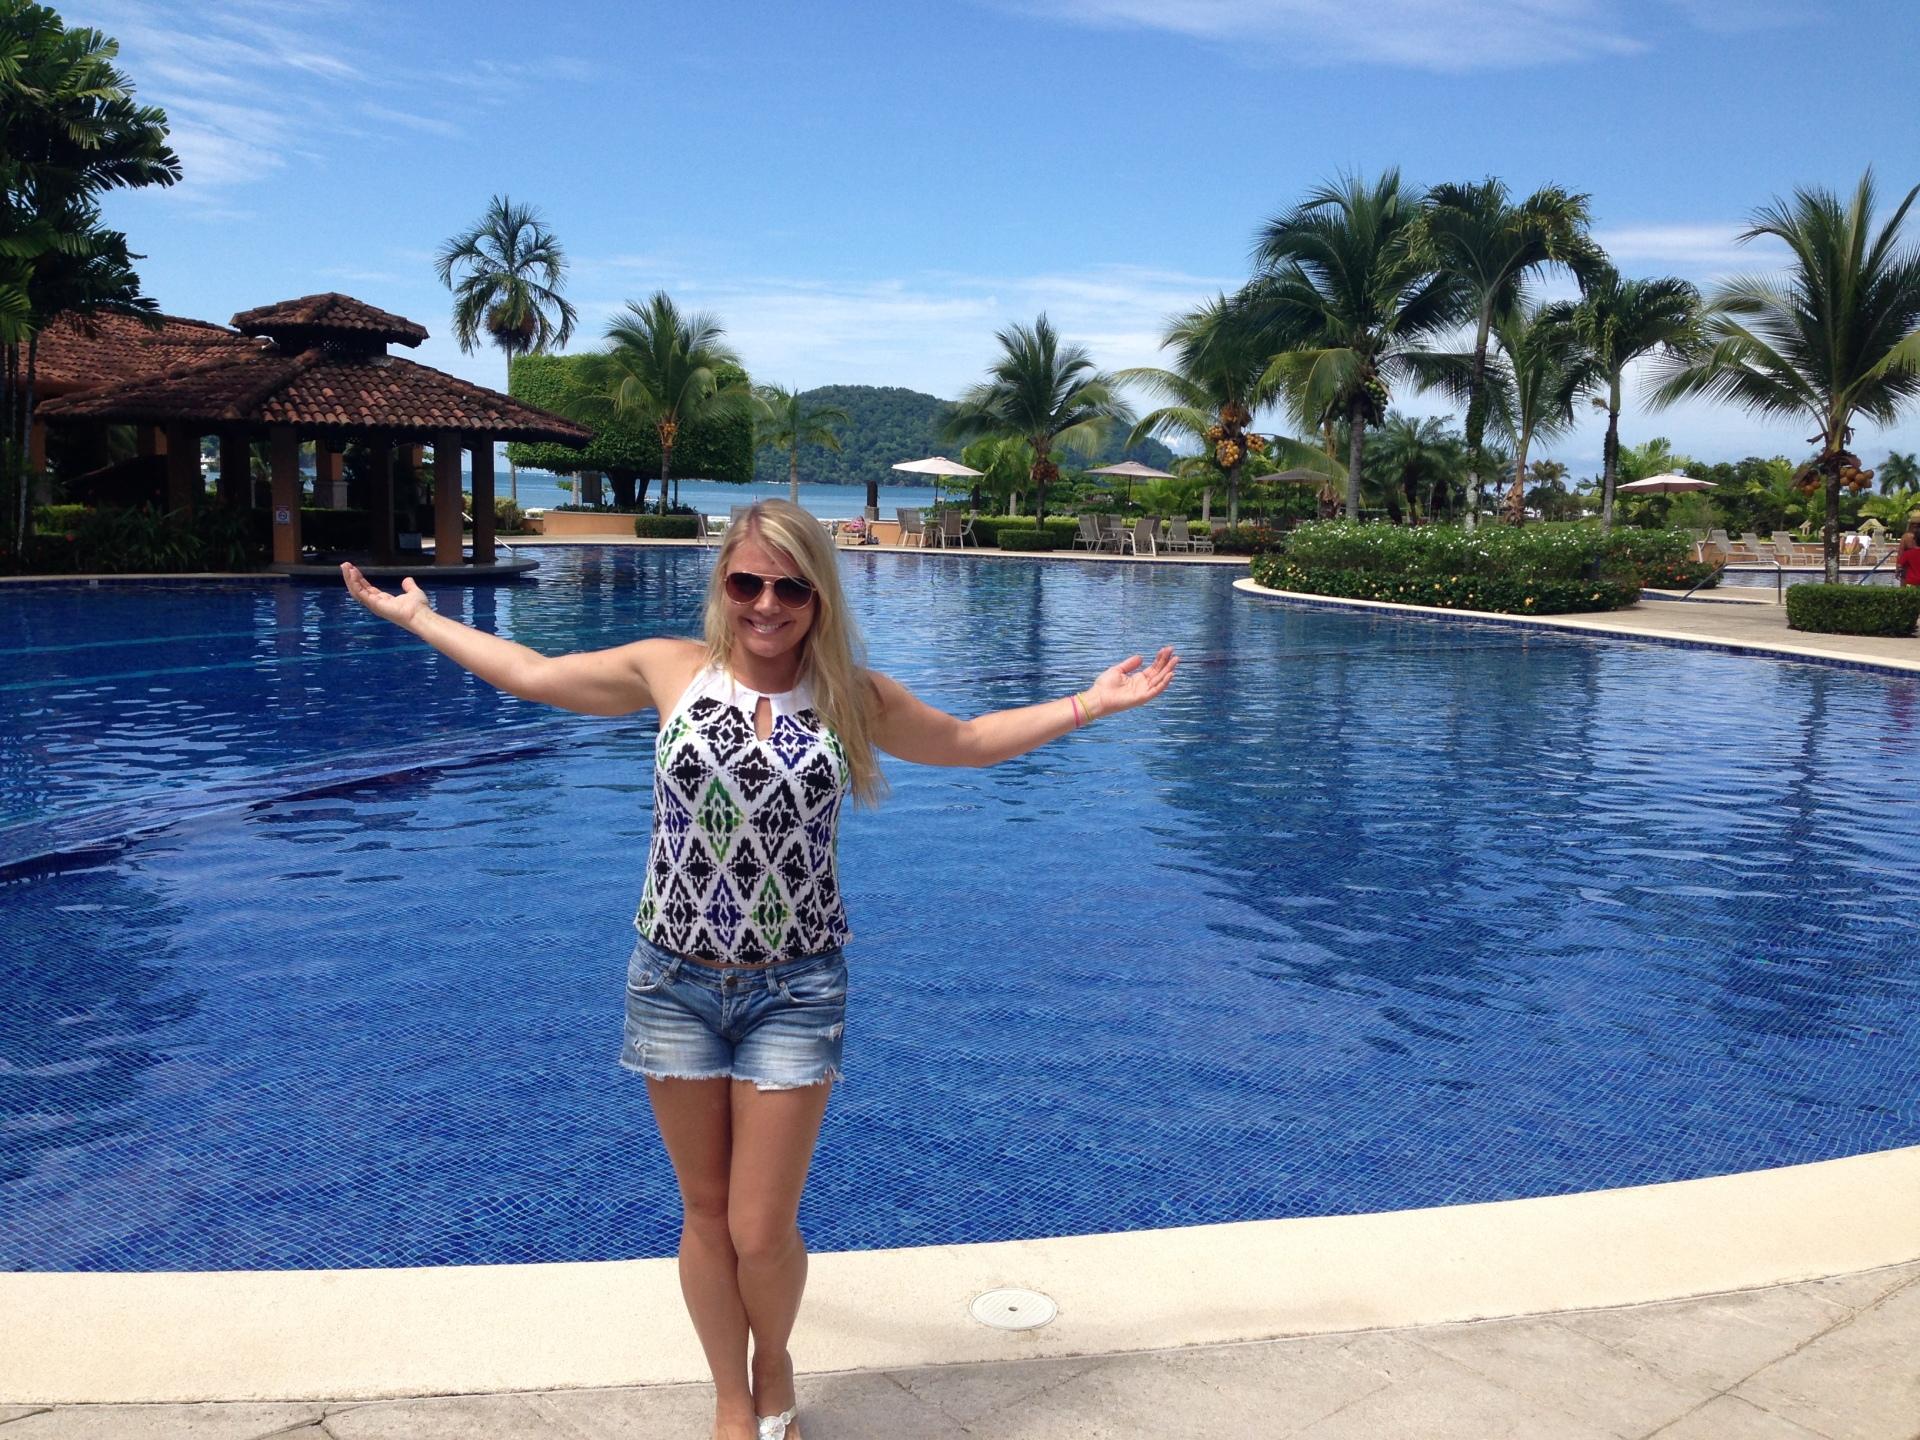 At the Resort Pool